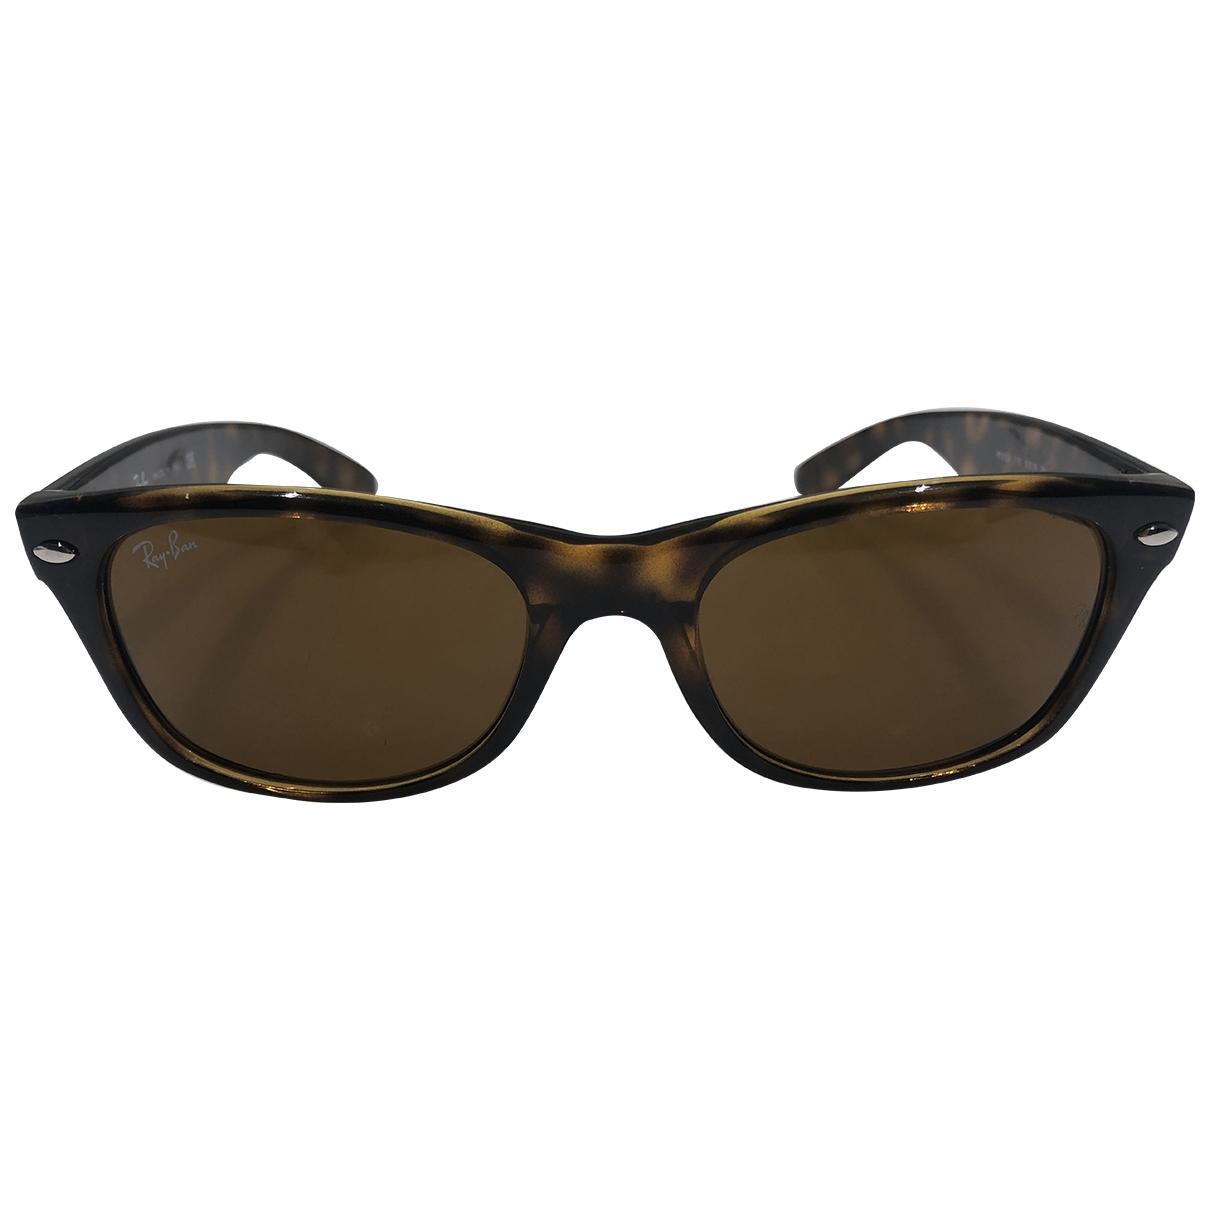 Gafas mascara New Wayfarer Ray-ban